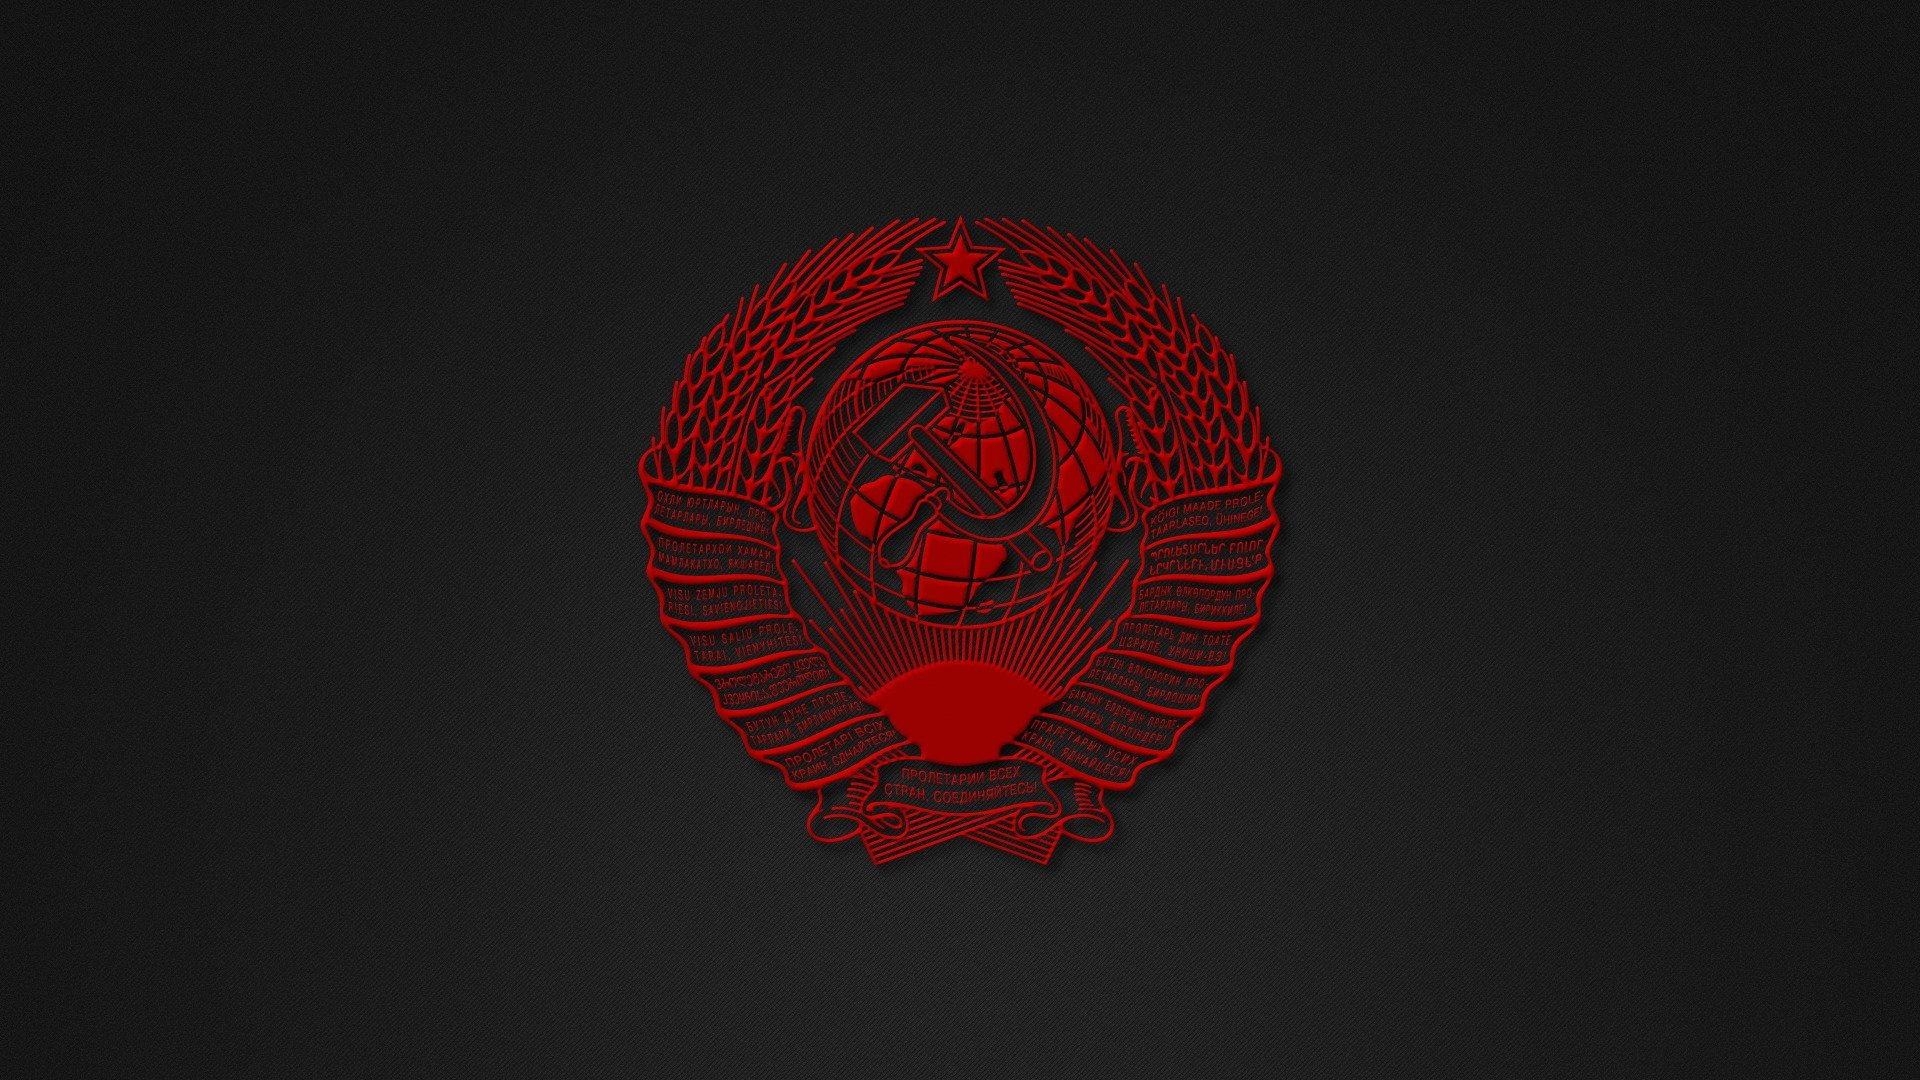 Скачать обои на рабочий стол герб россии бесплатно 1366х768